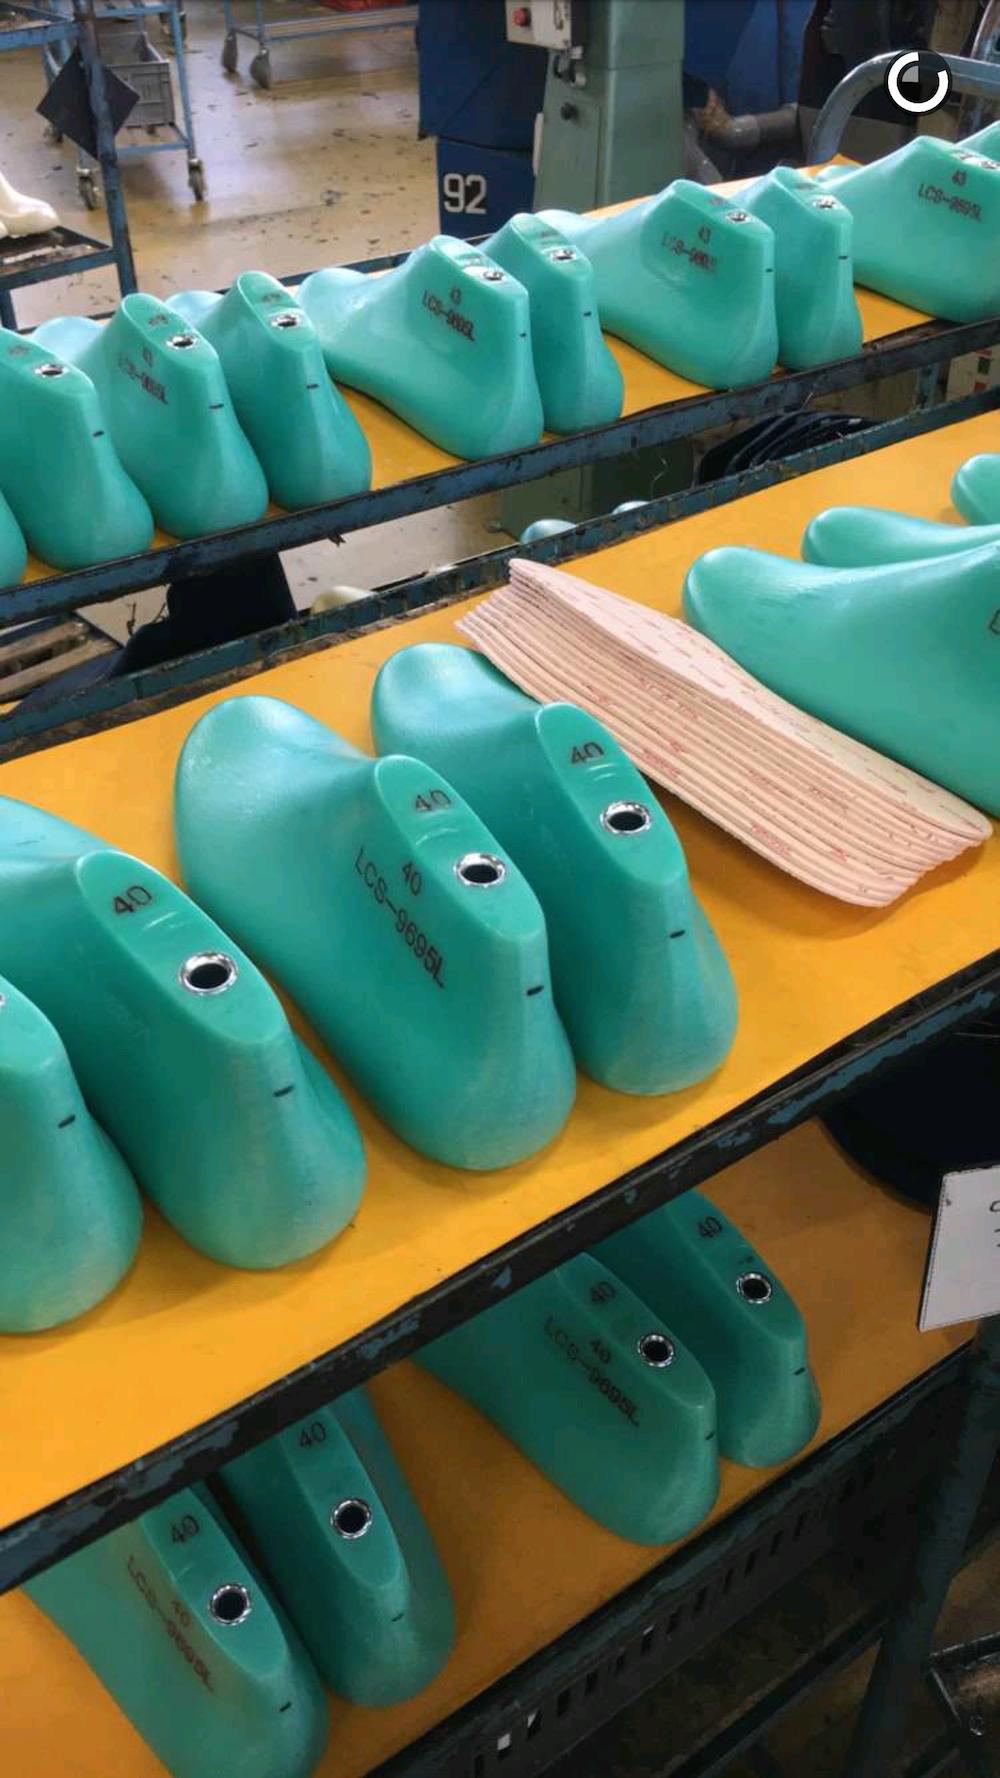 le coq sportif manufacturing 23